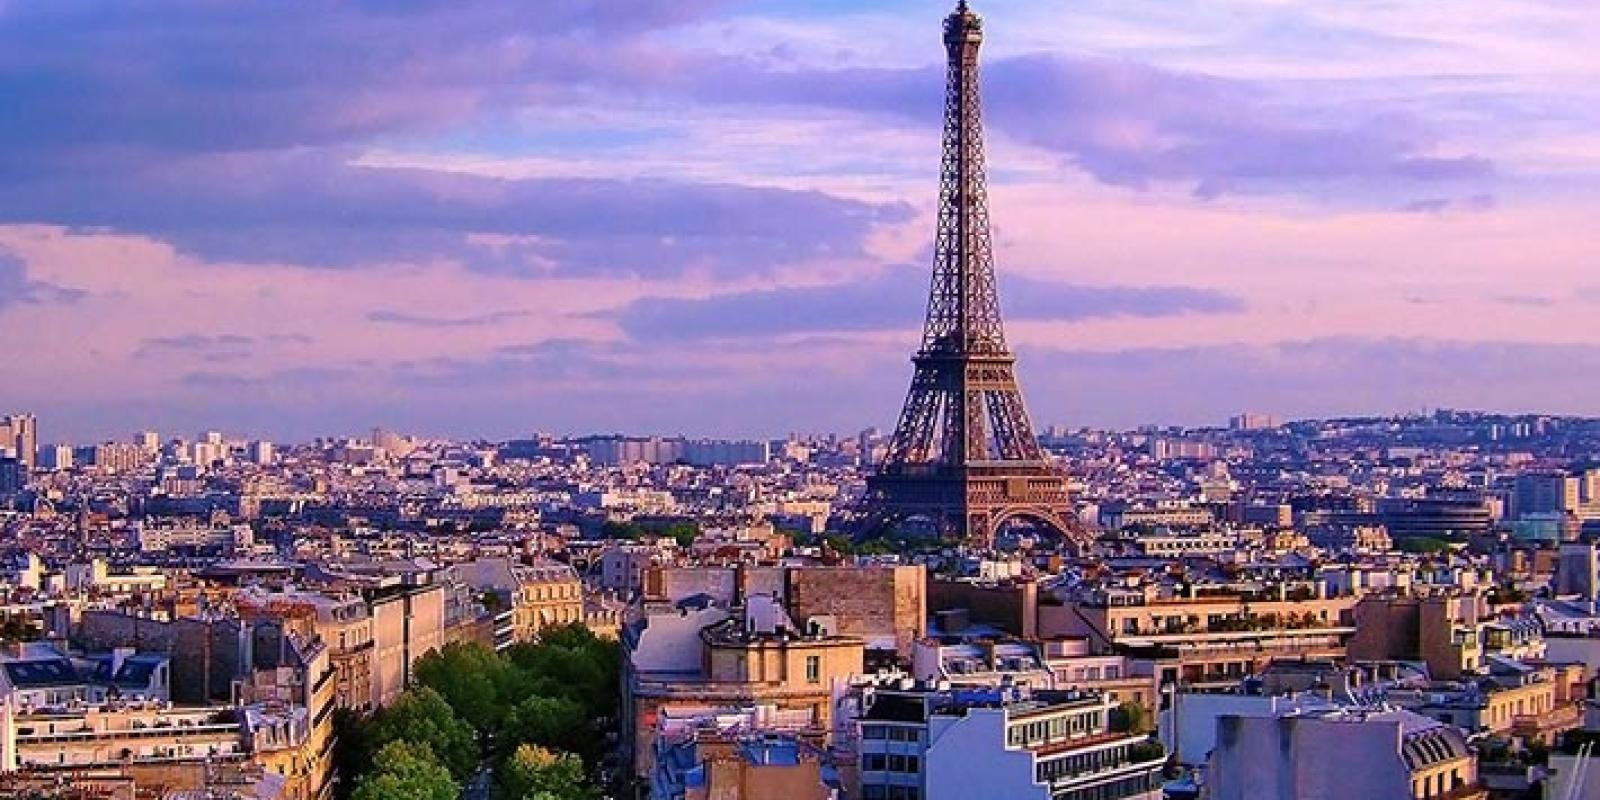 Partir en vacances avec Paris Attitude